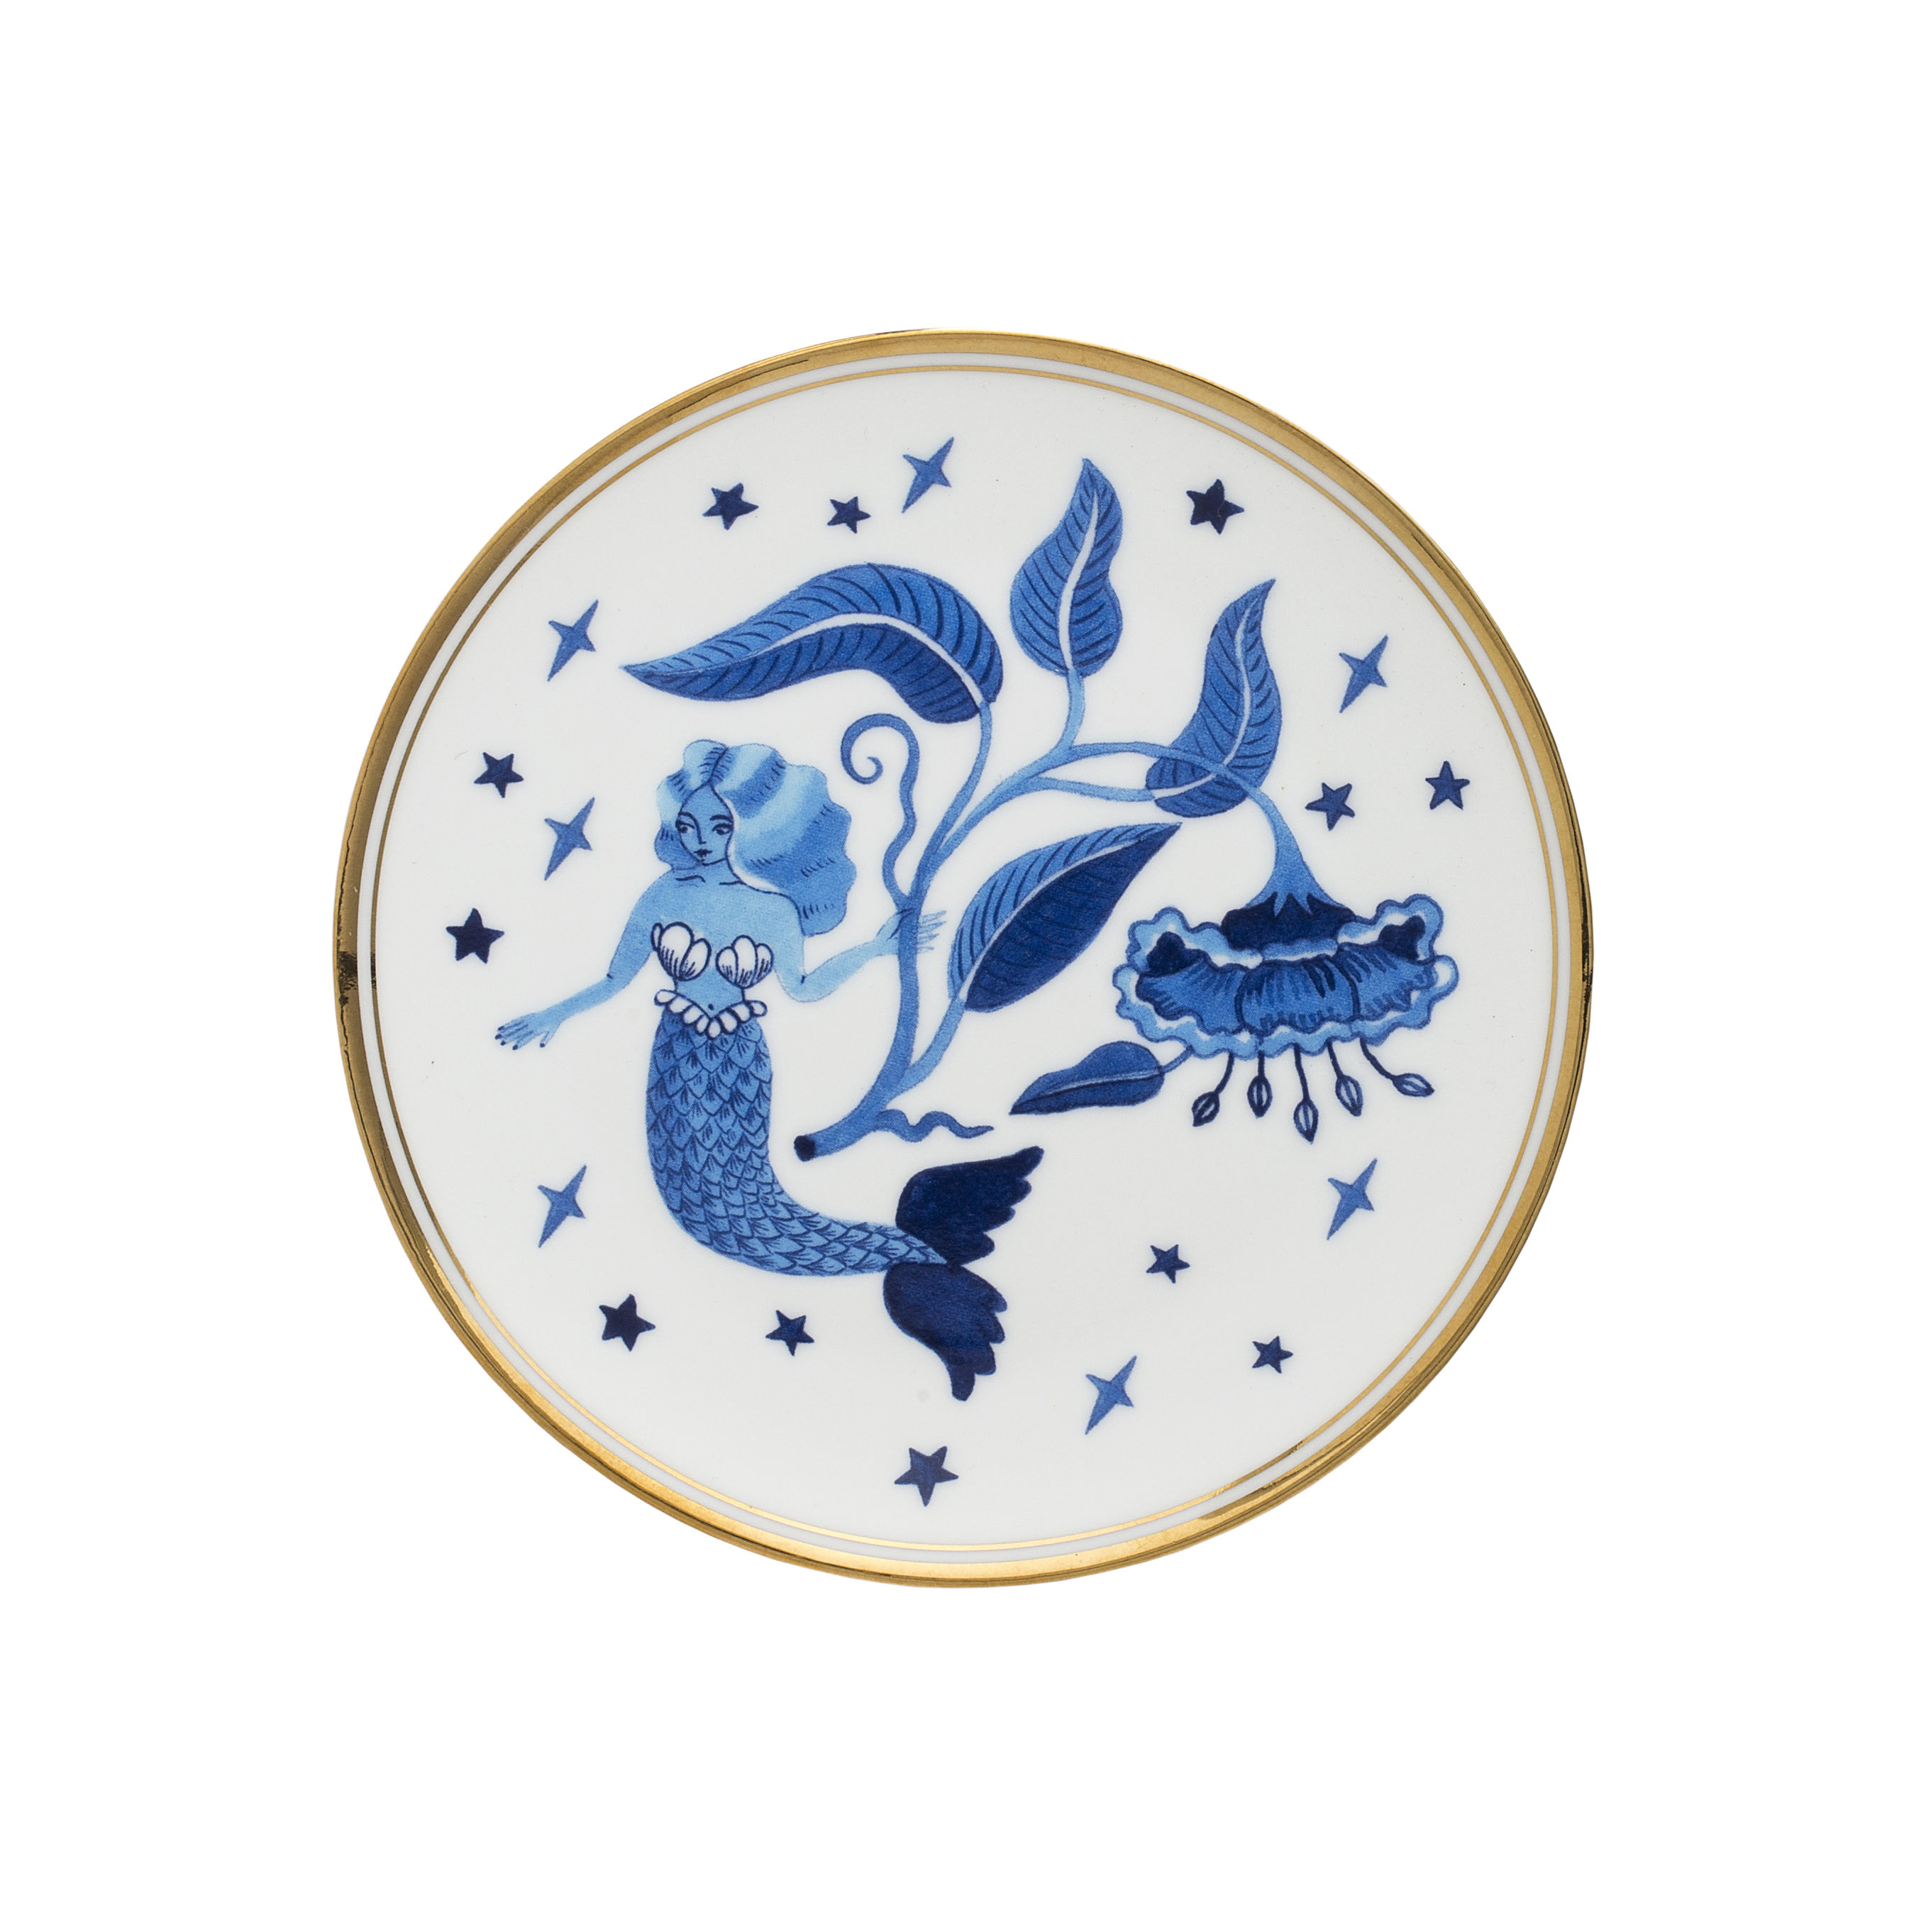 Arts de la table - Assiettes - Assiette à dessert Siren / Ø 15 cm - Bitossi Home - Siren - Porcelaine